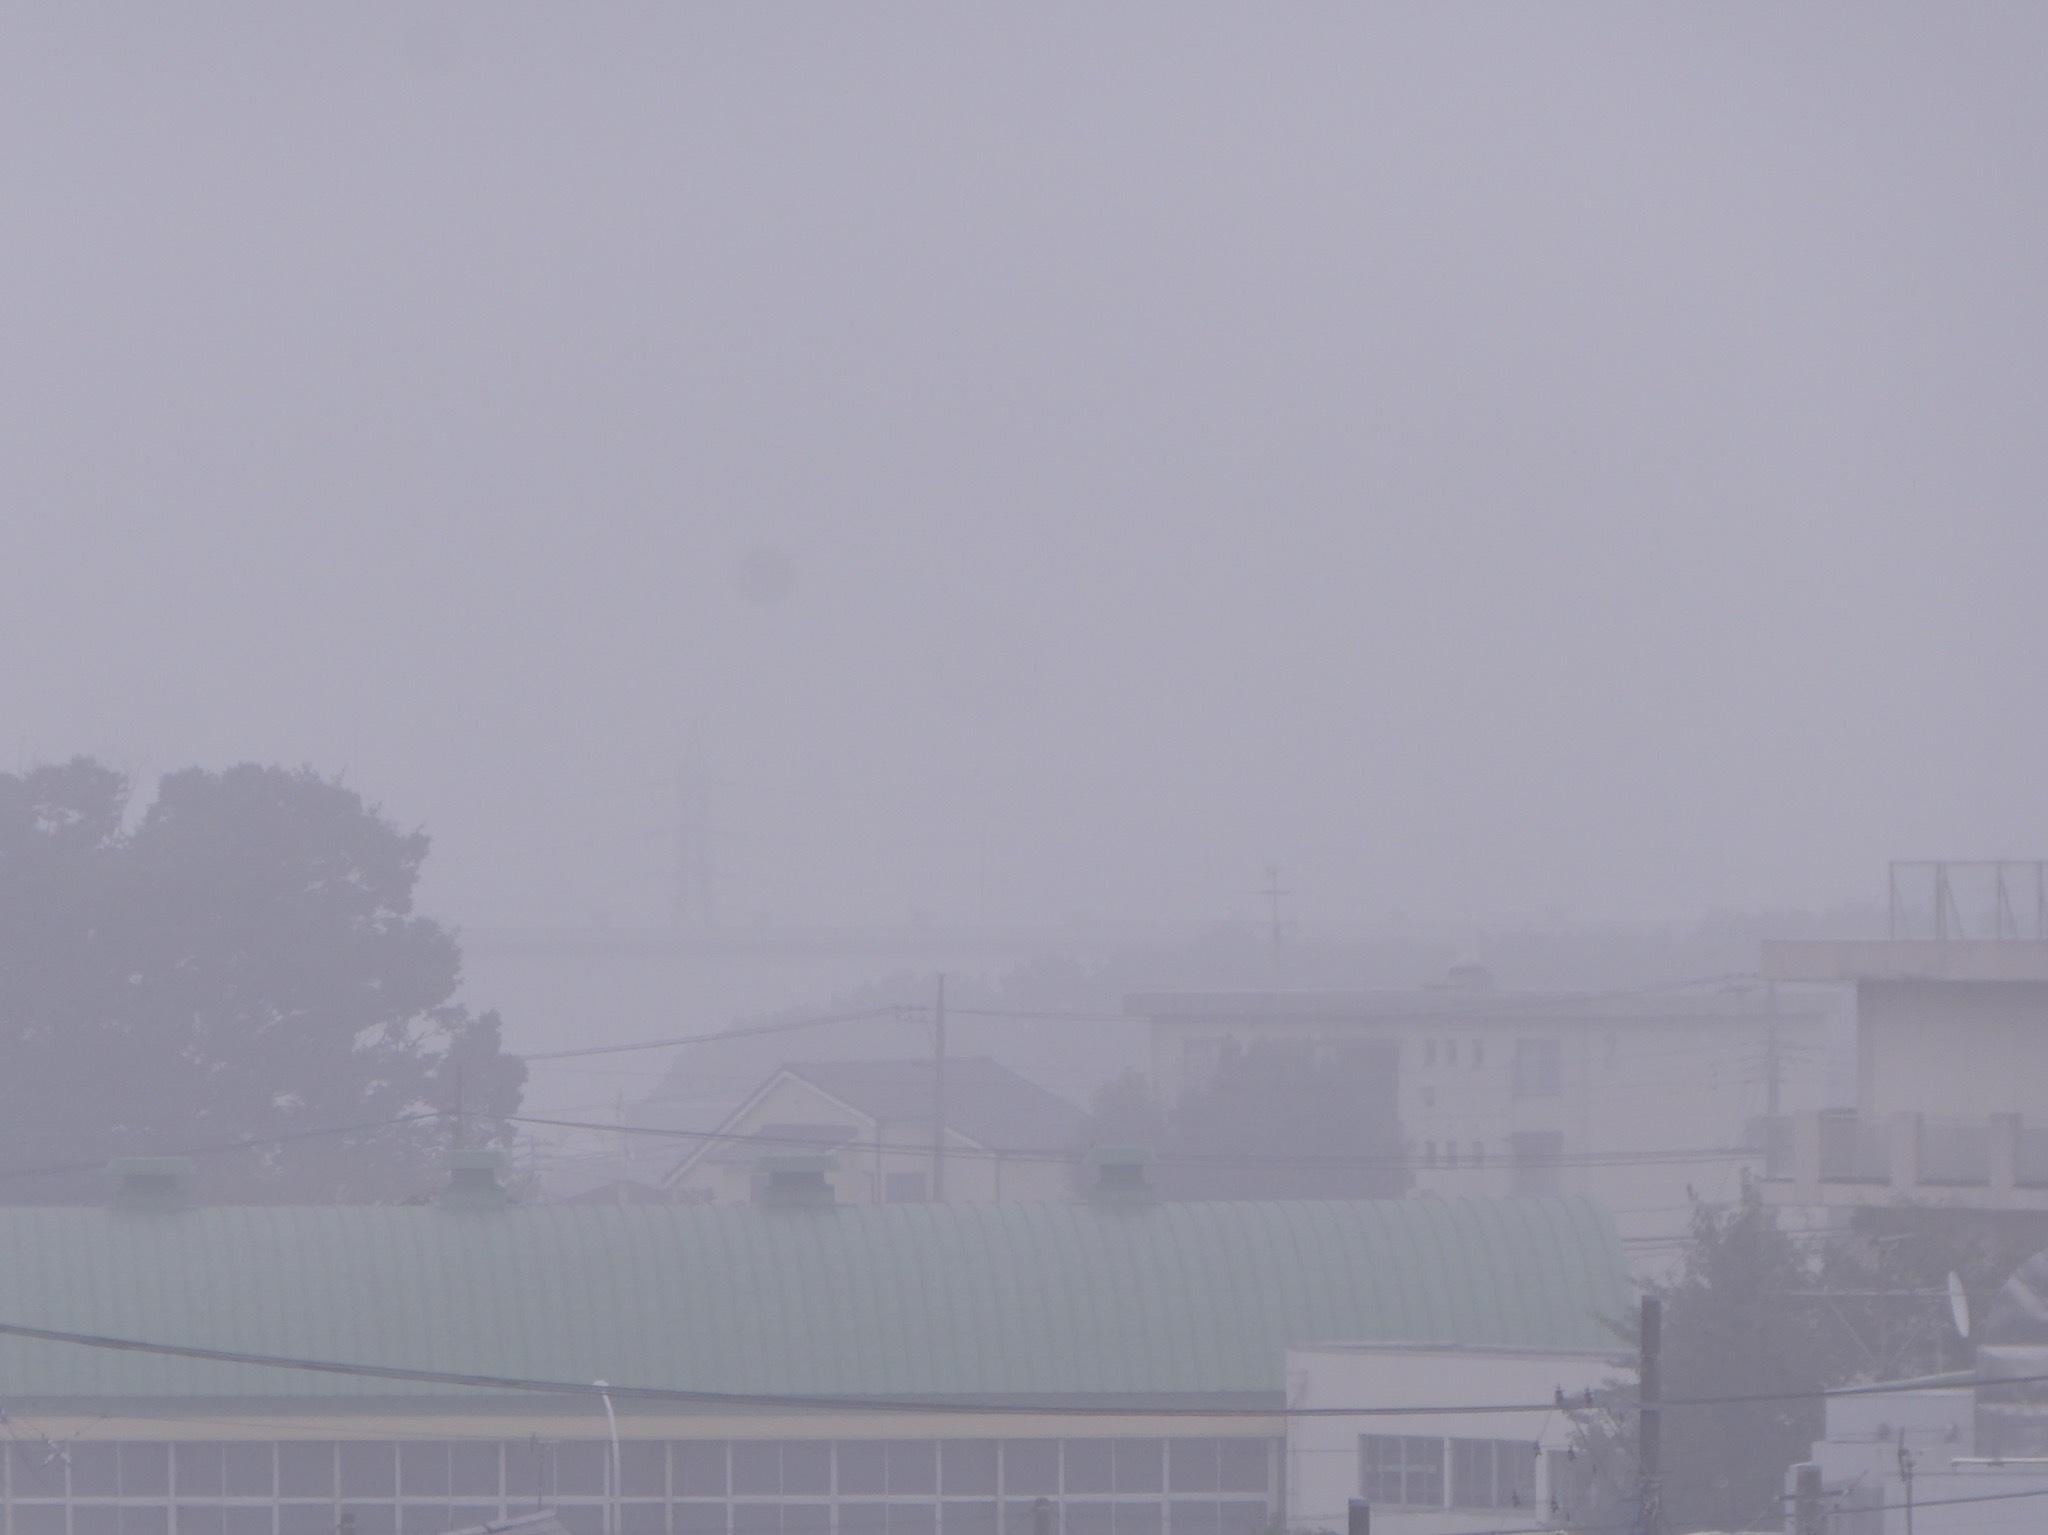 濃霧に出鼻をくじかれて_a0050728_10035760.jpeg